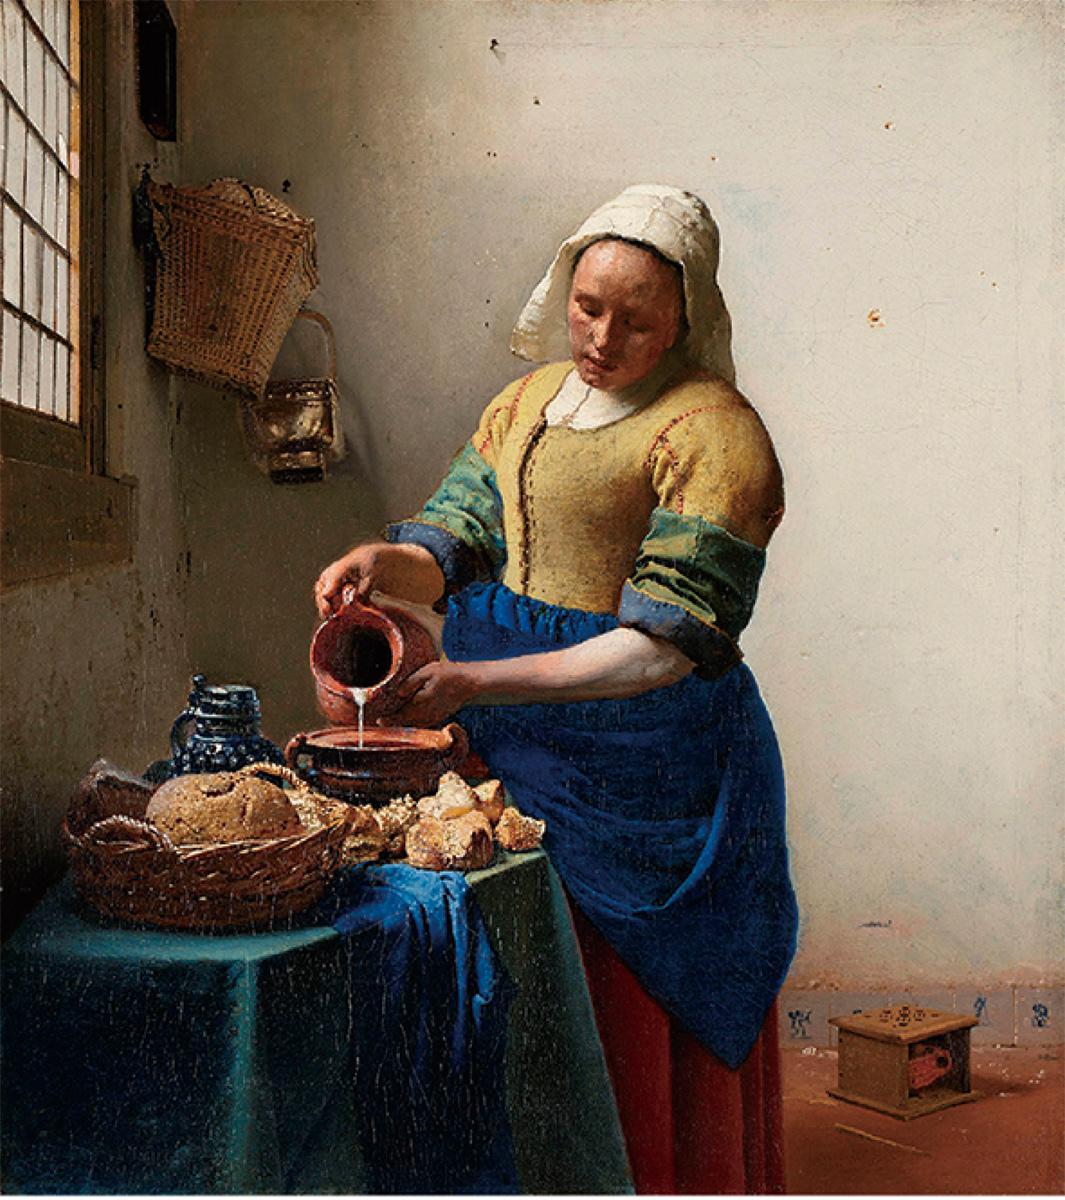 ヨハネス・フェルメールの画像 p1_24